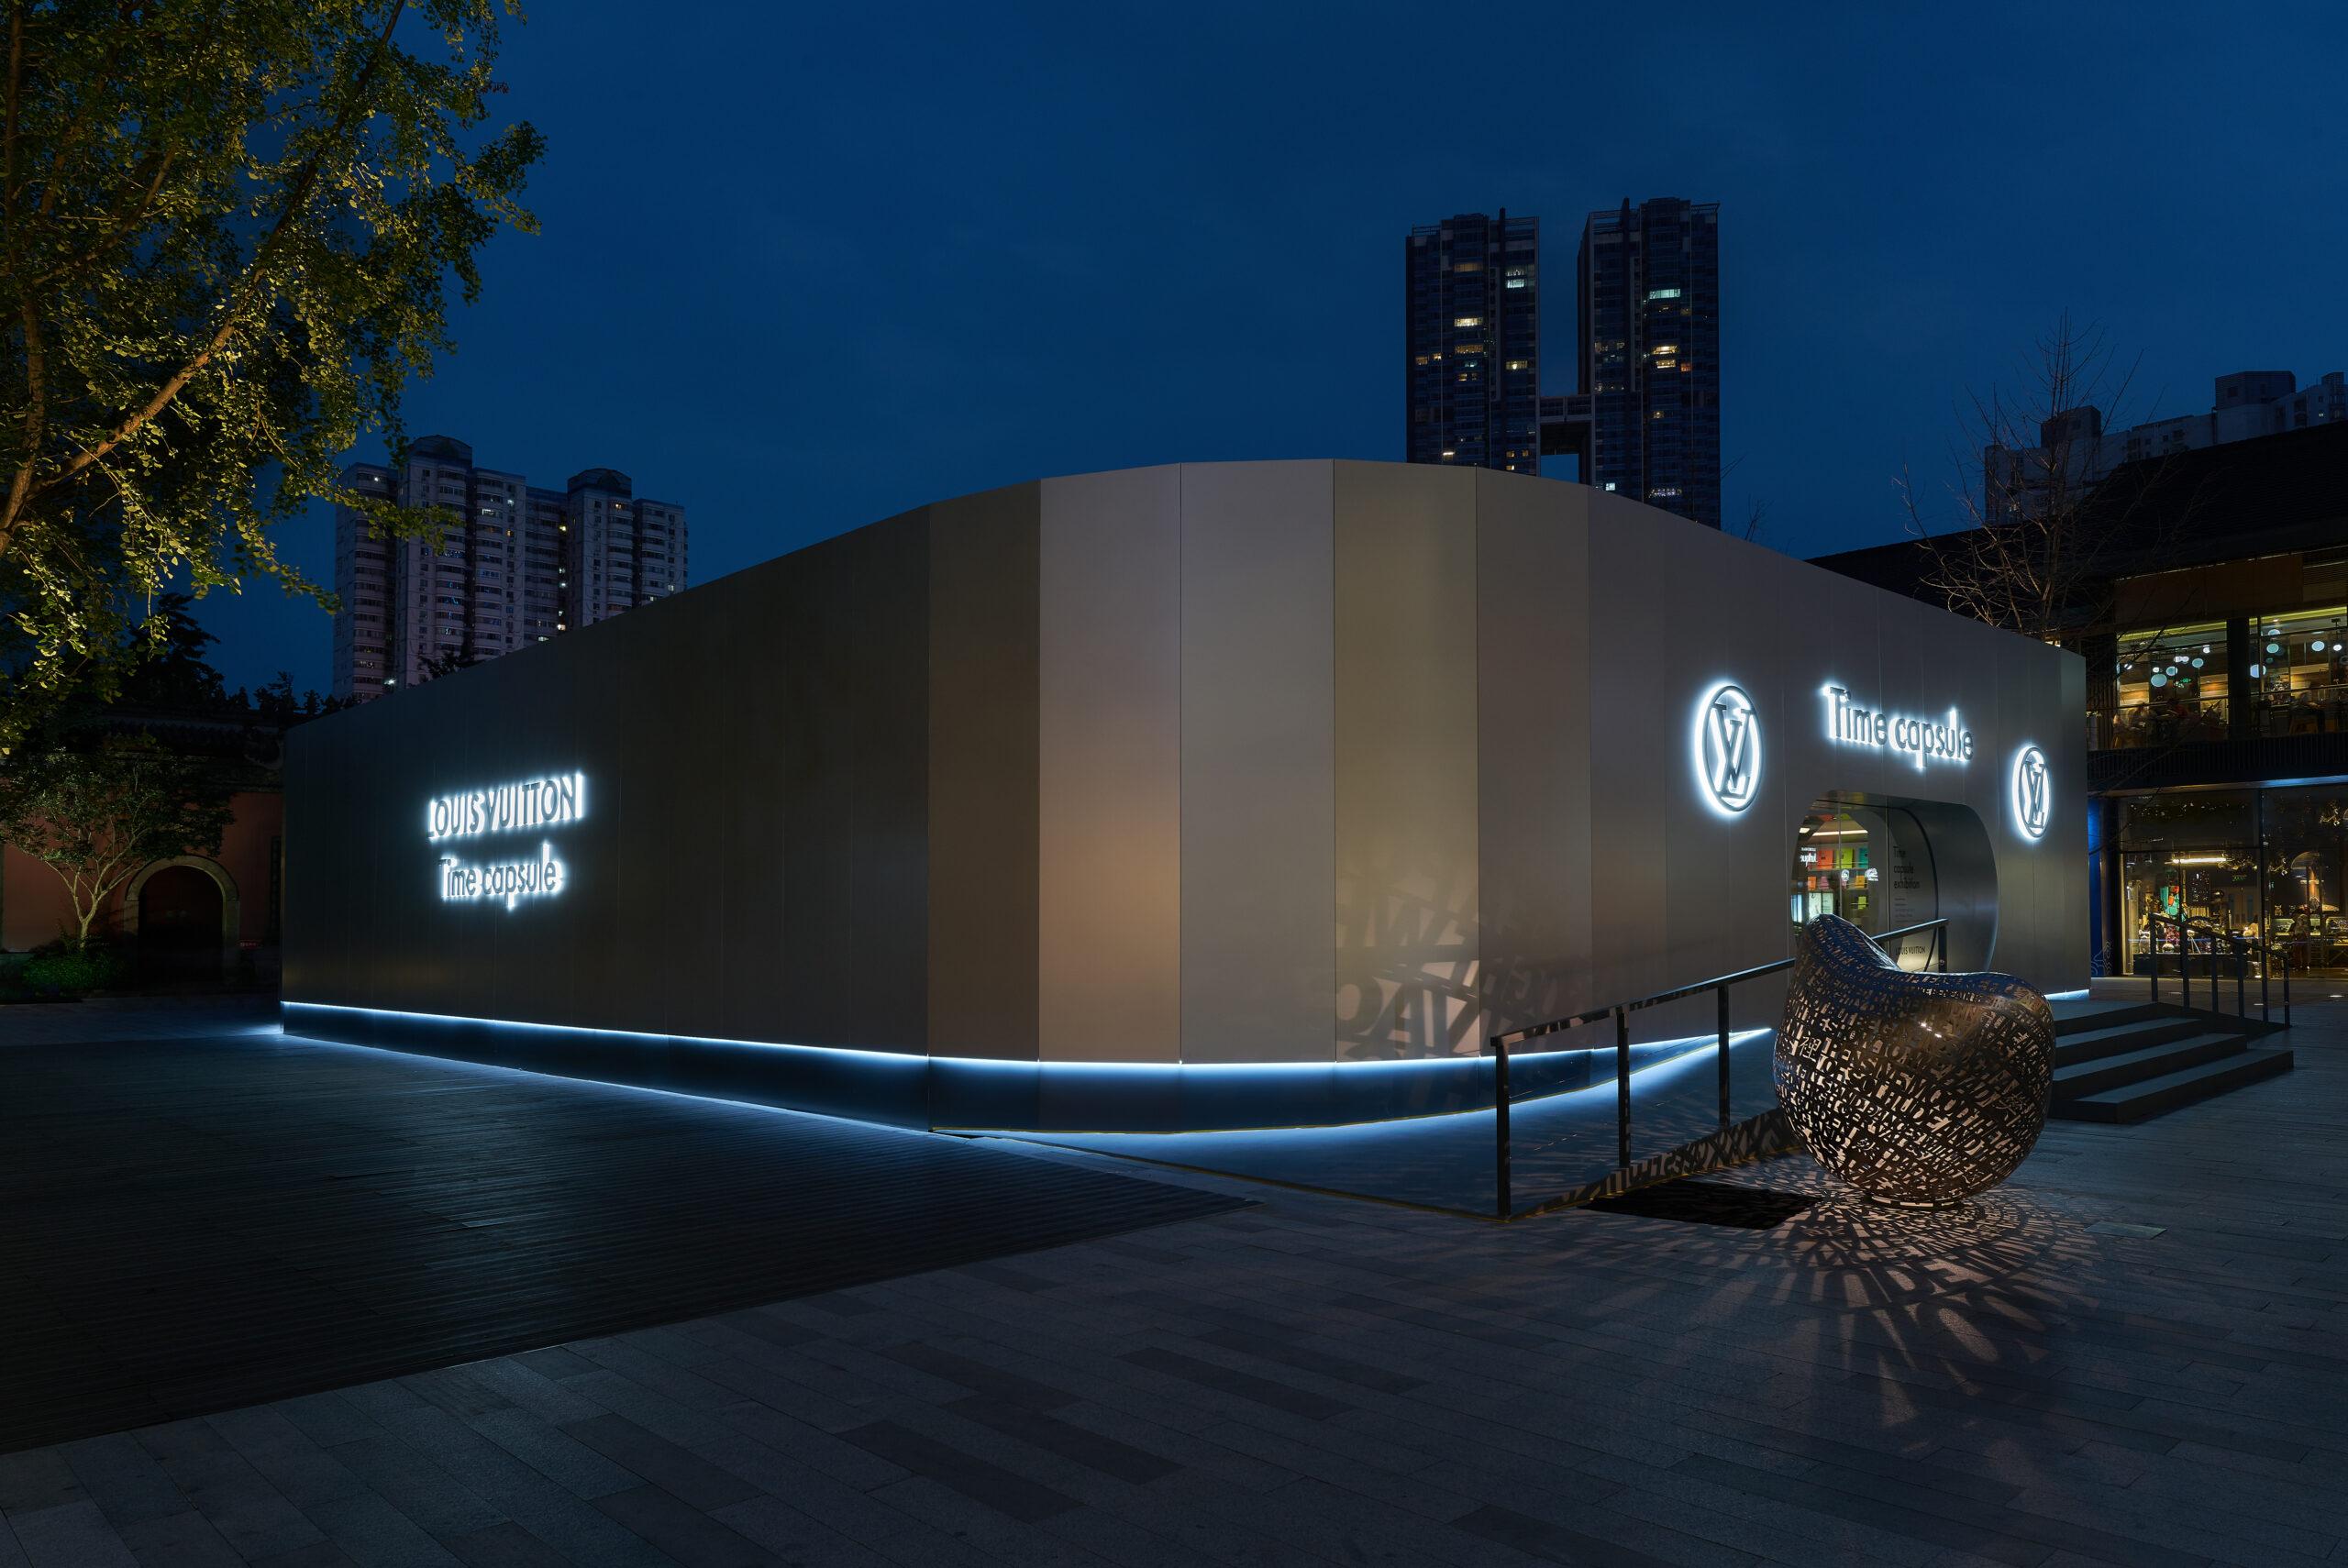 Louis Vuitton Time Capsule Exhibition June 6th – Jul 14th Chengdu – 9